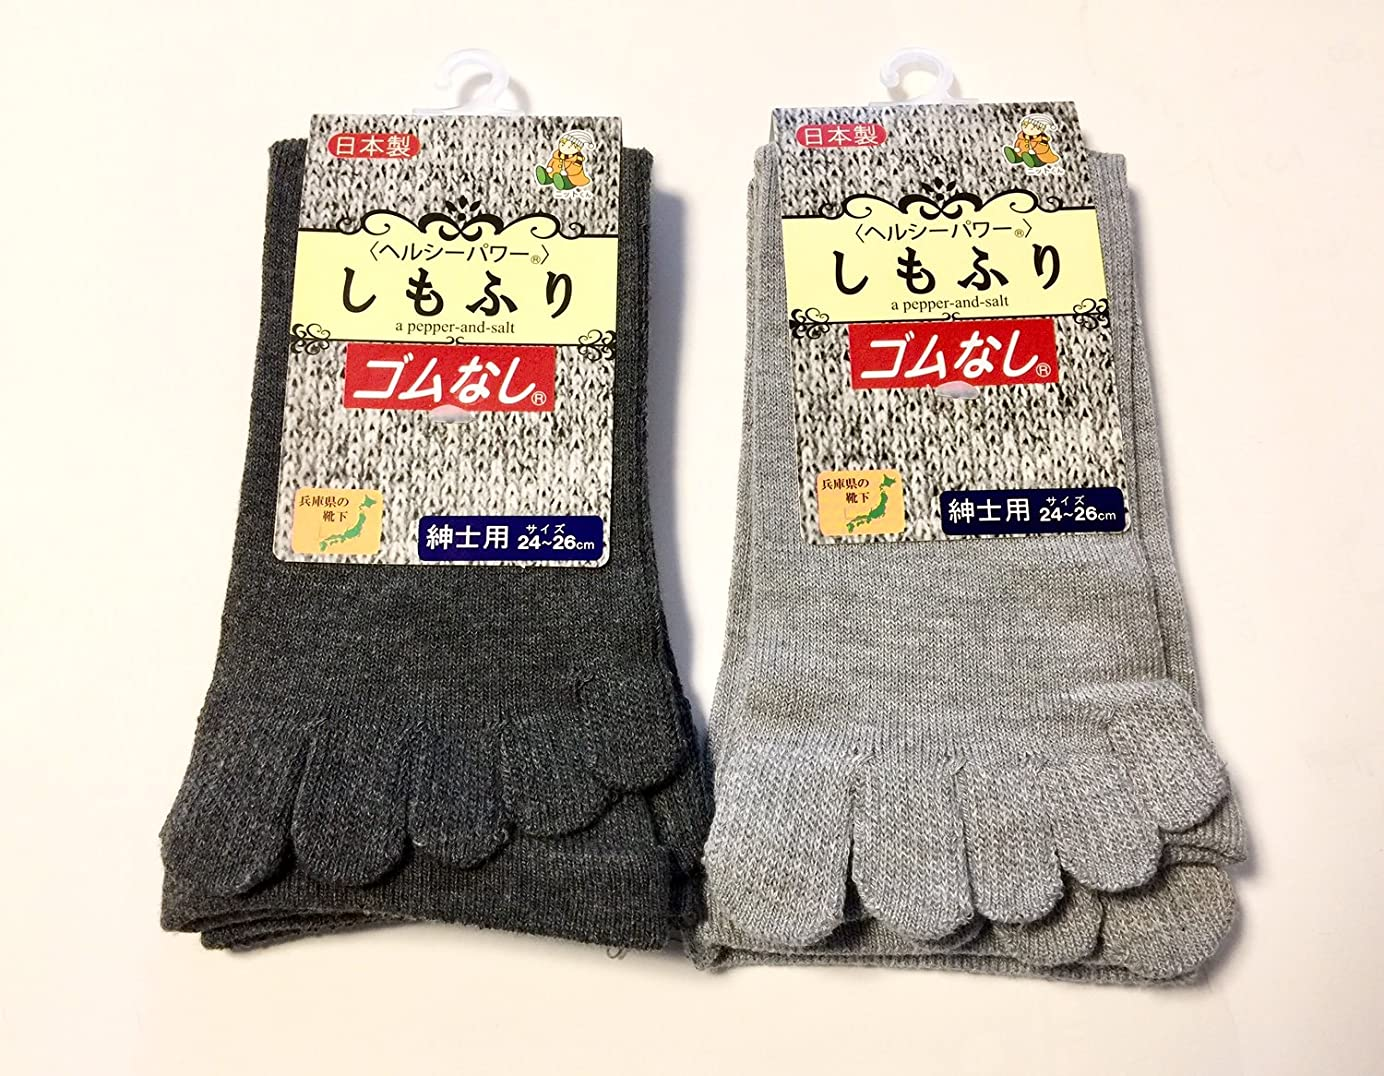 頭蓋骨防水織機5本指ソックス メンズ 日本製 口ゴムなし しめつけない靴下 24~26cm 2色2足組